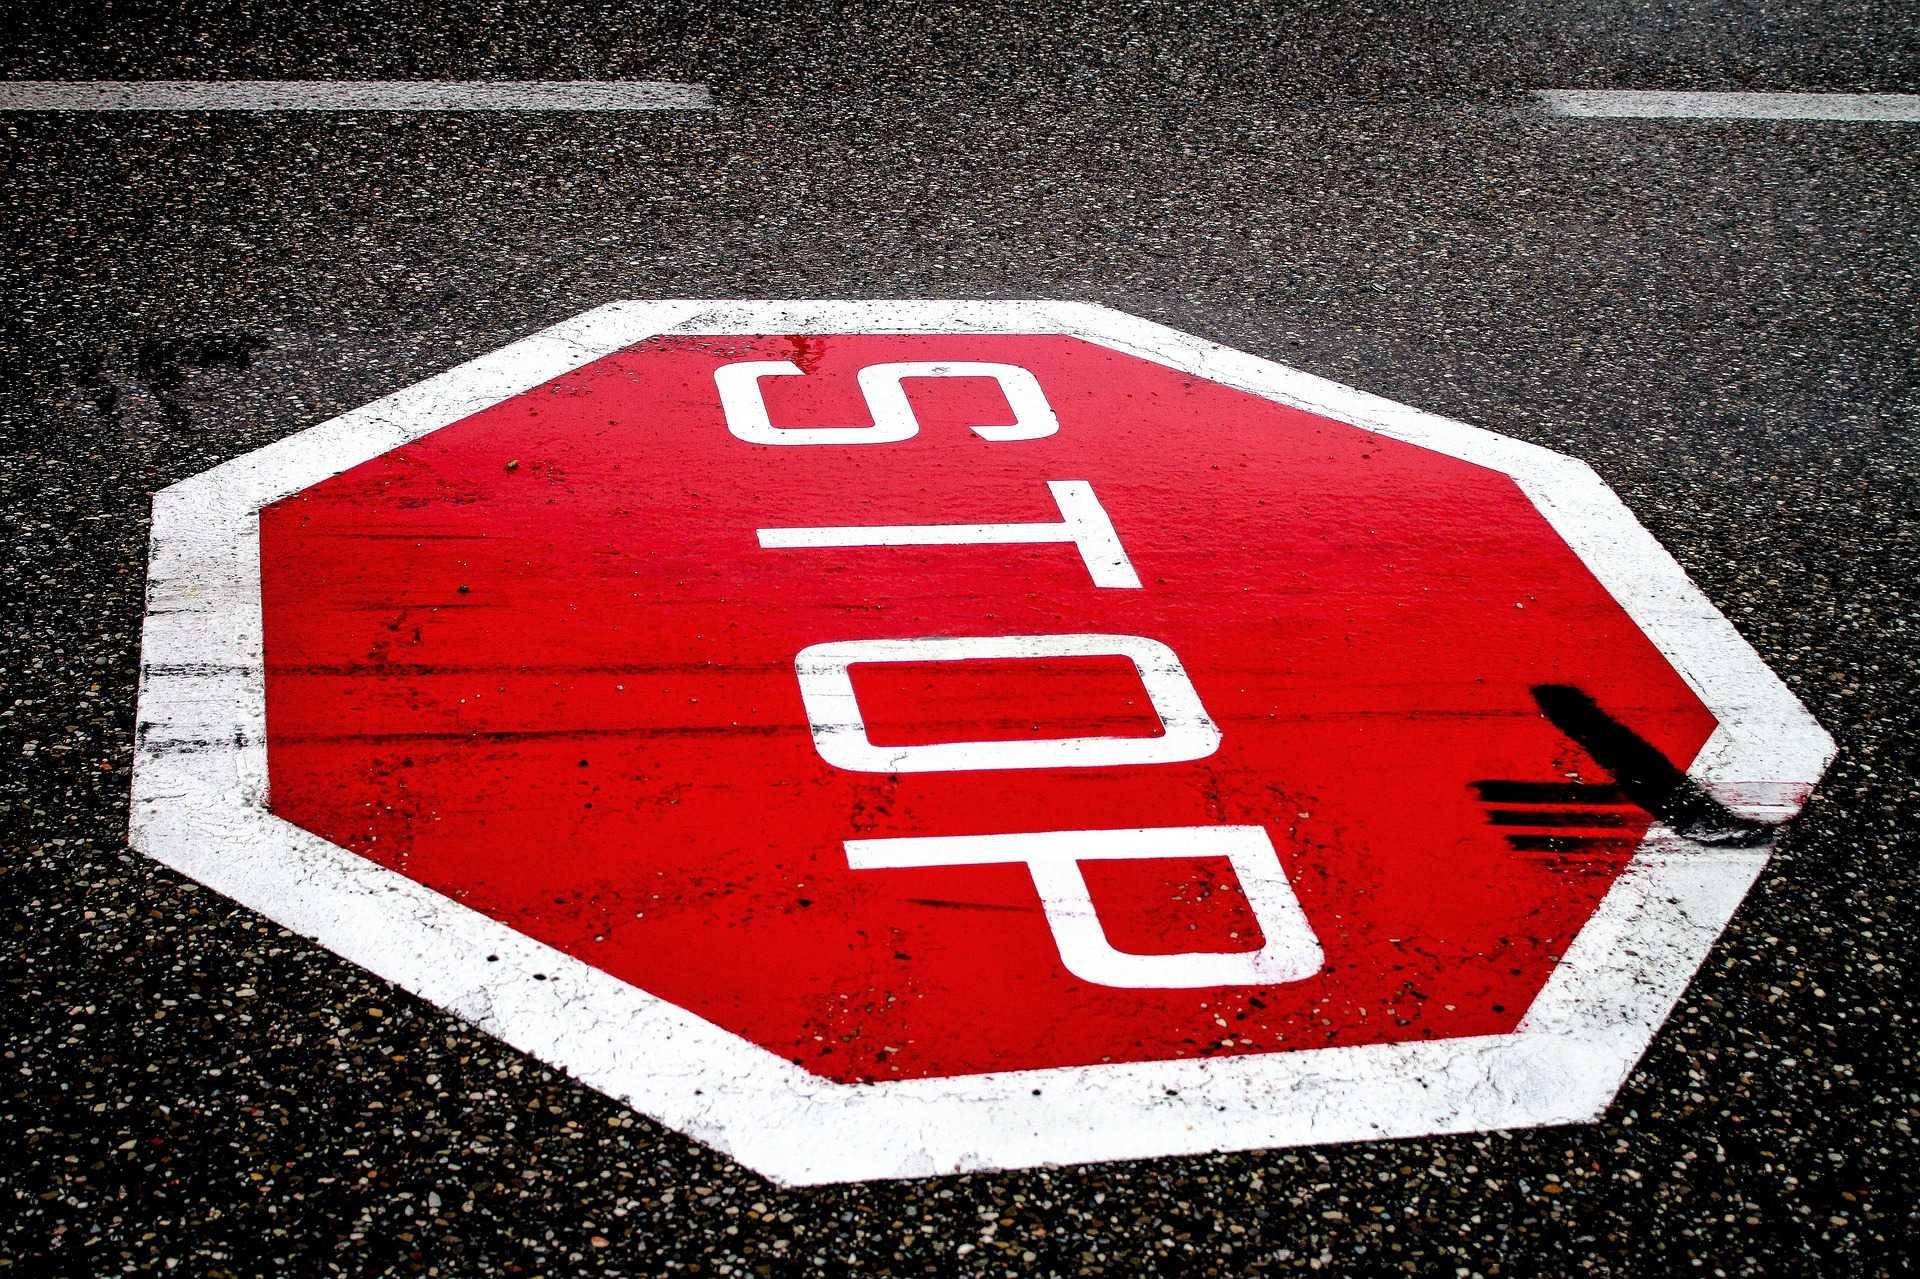 Skrzyżowanie ze znakami ustalającymi pierwszeństwo przejazdu